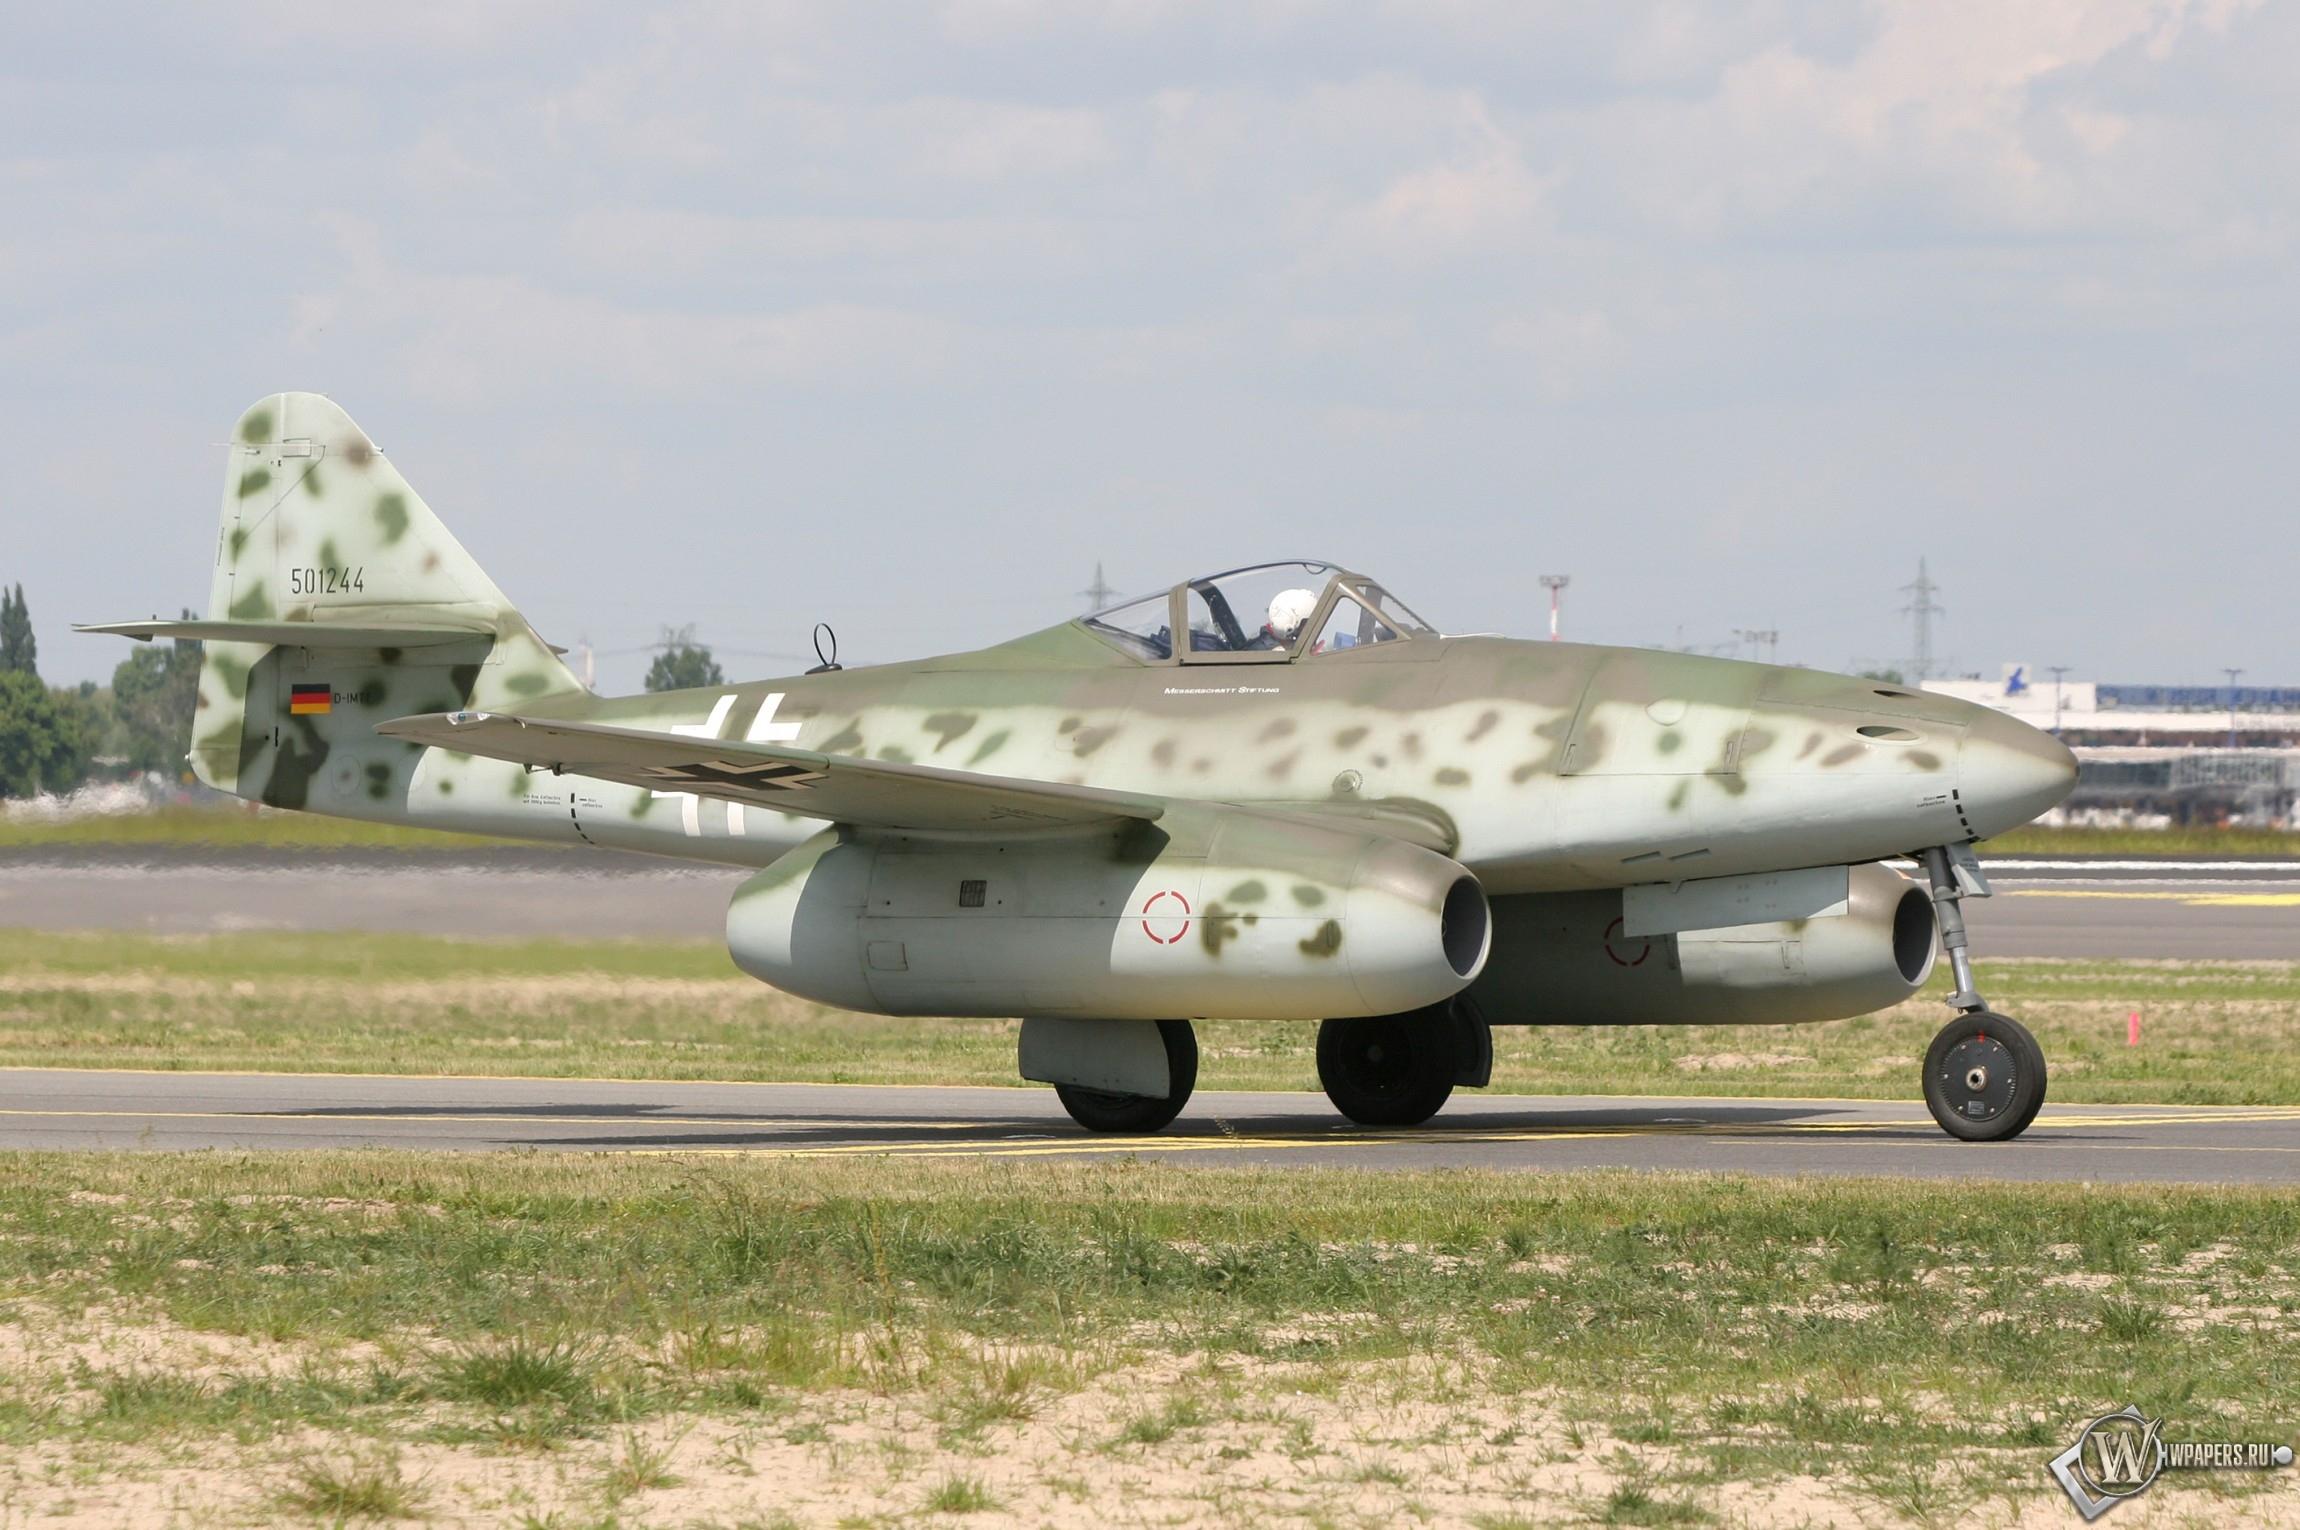 Messerschmitt Me 262 2300x1530